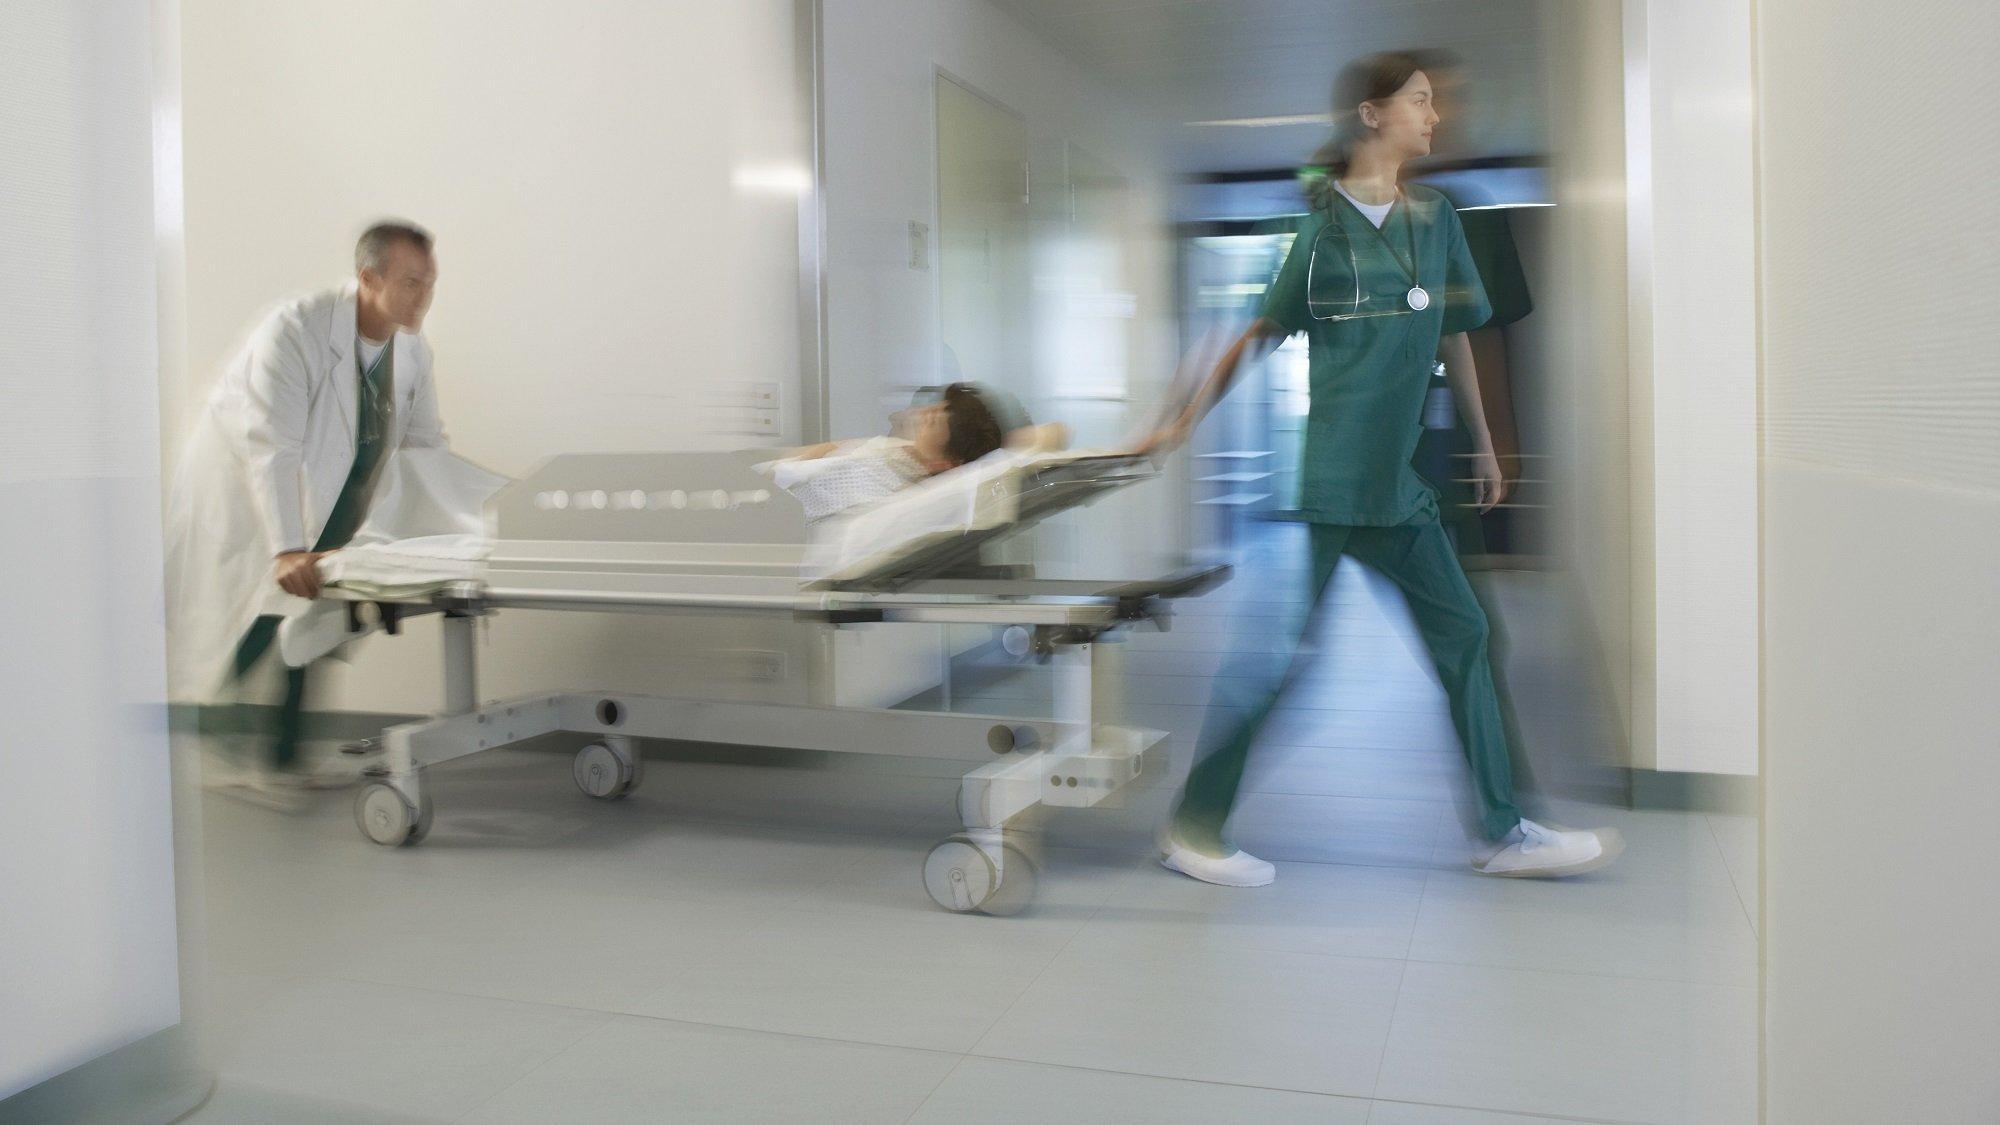 Ein Krankenpfleger schiebt einen Notfall-Patienten durch einen Krankenhausflur. Eine Pflegerein lenkt vorne. Sie haben es eilig.